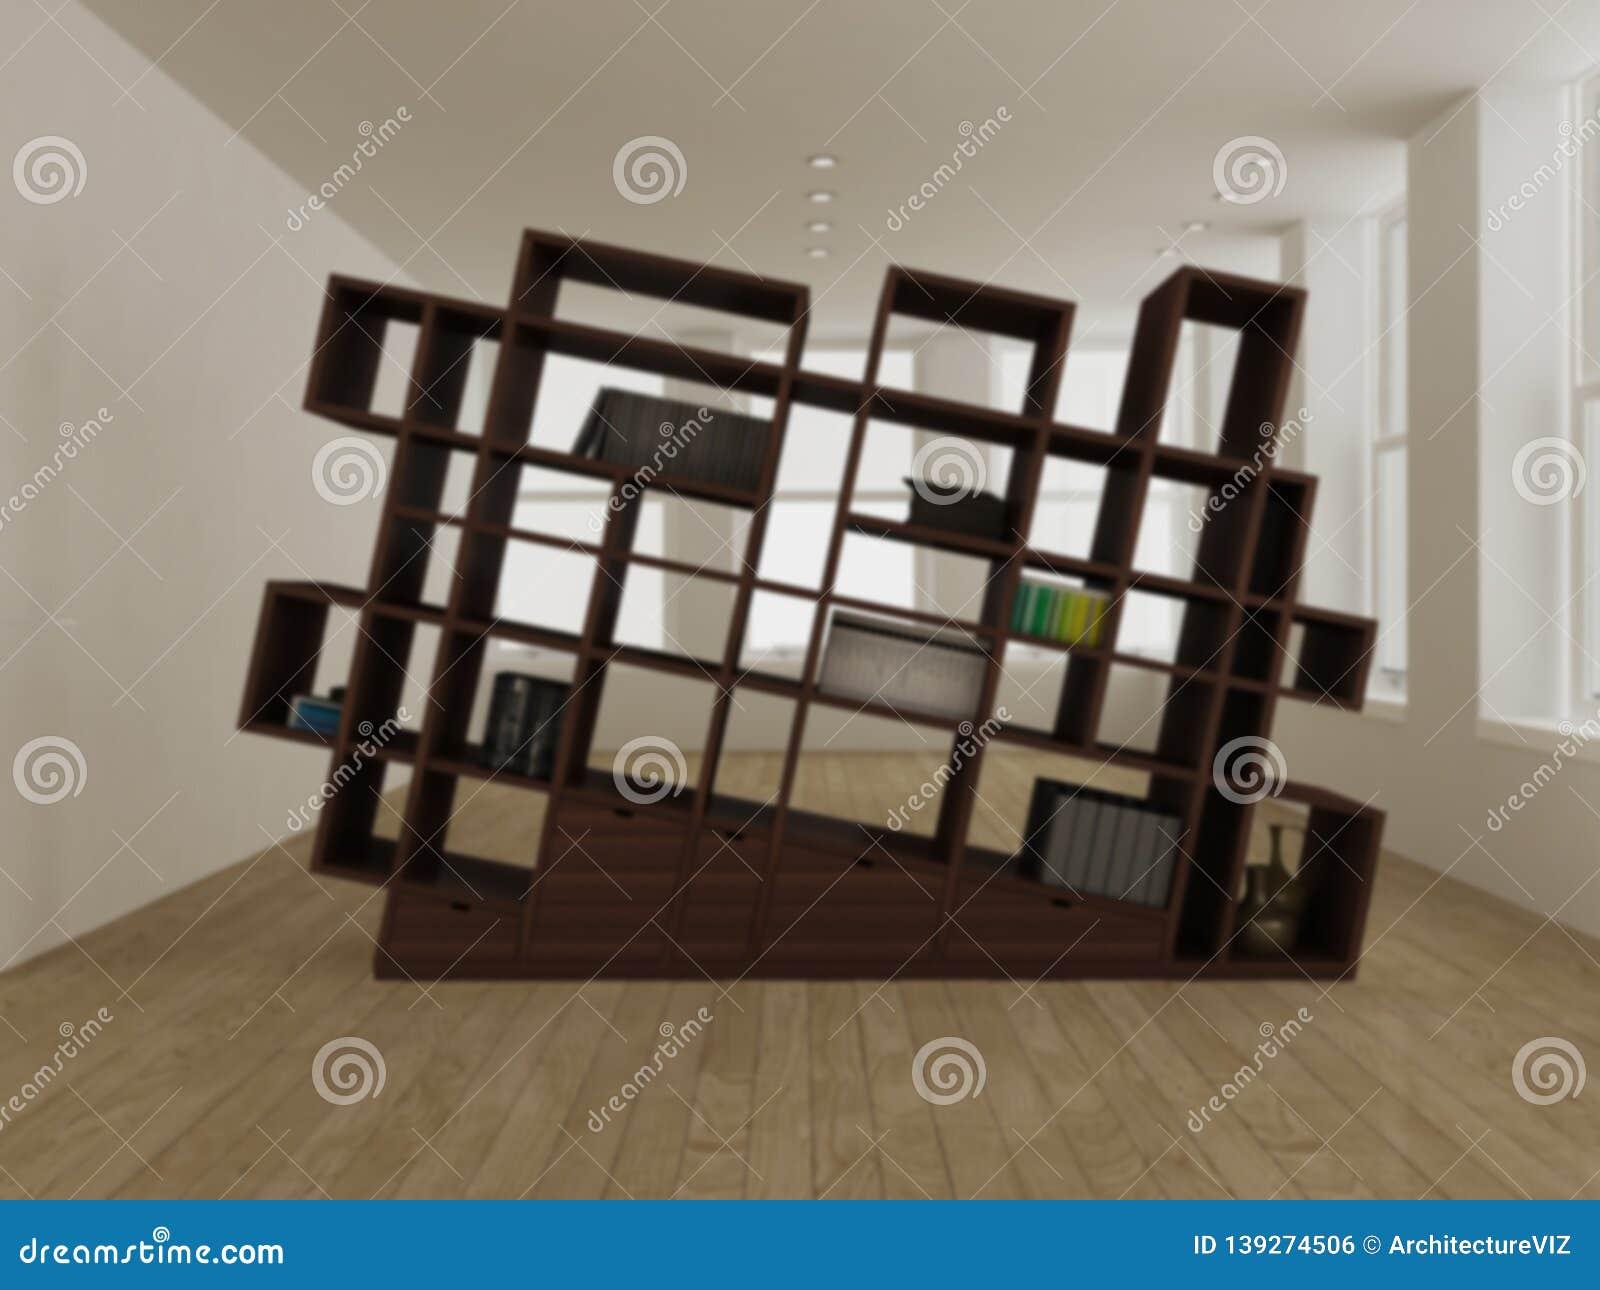 Blur Interior Design Concept Idea Modern Minimalist Wooden